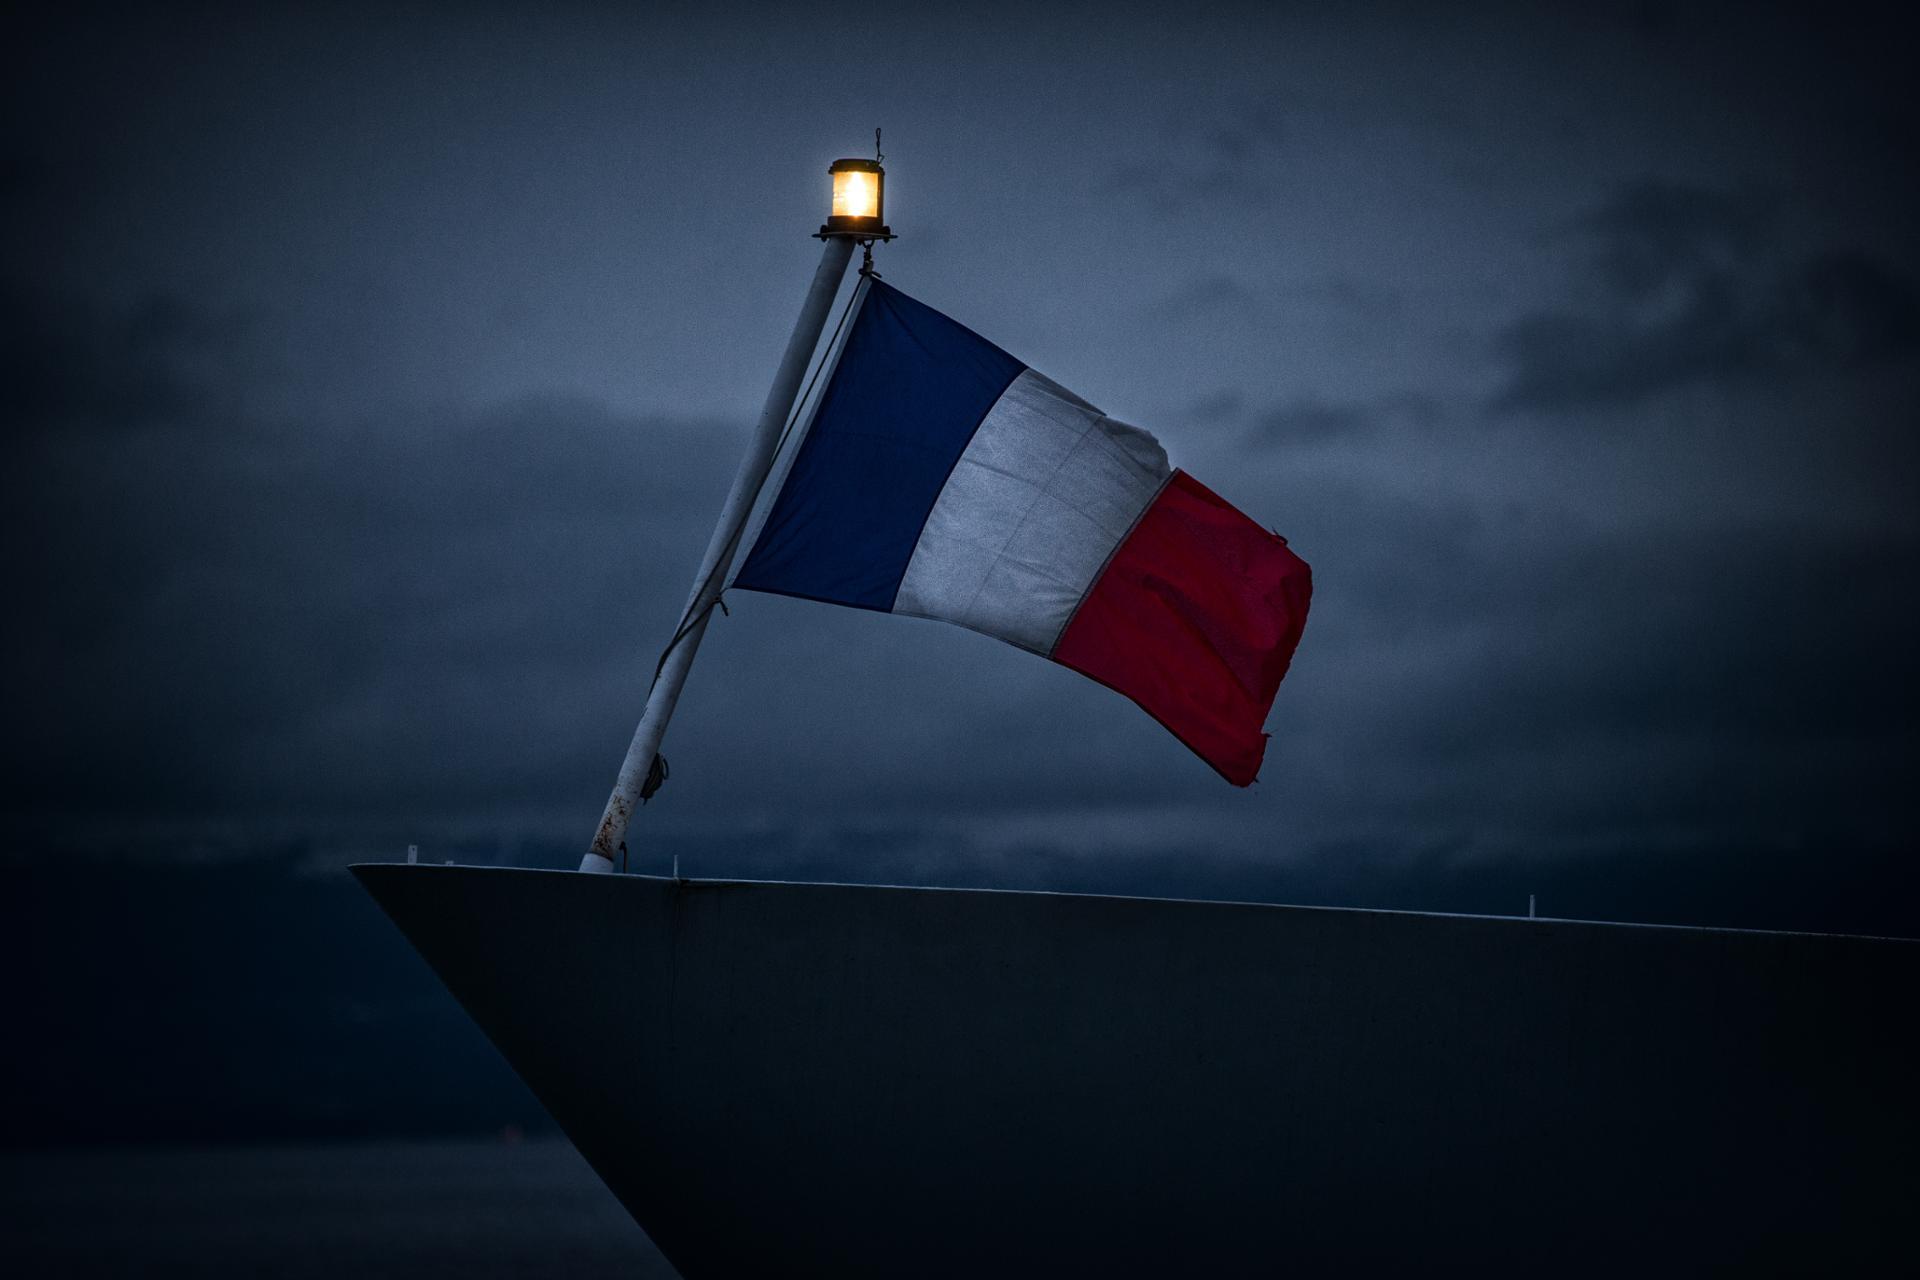 La lumière au bout du drapeau